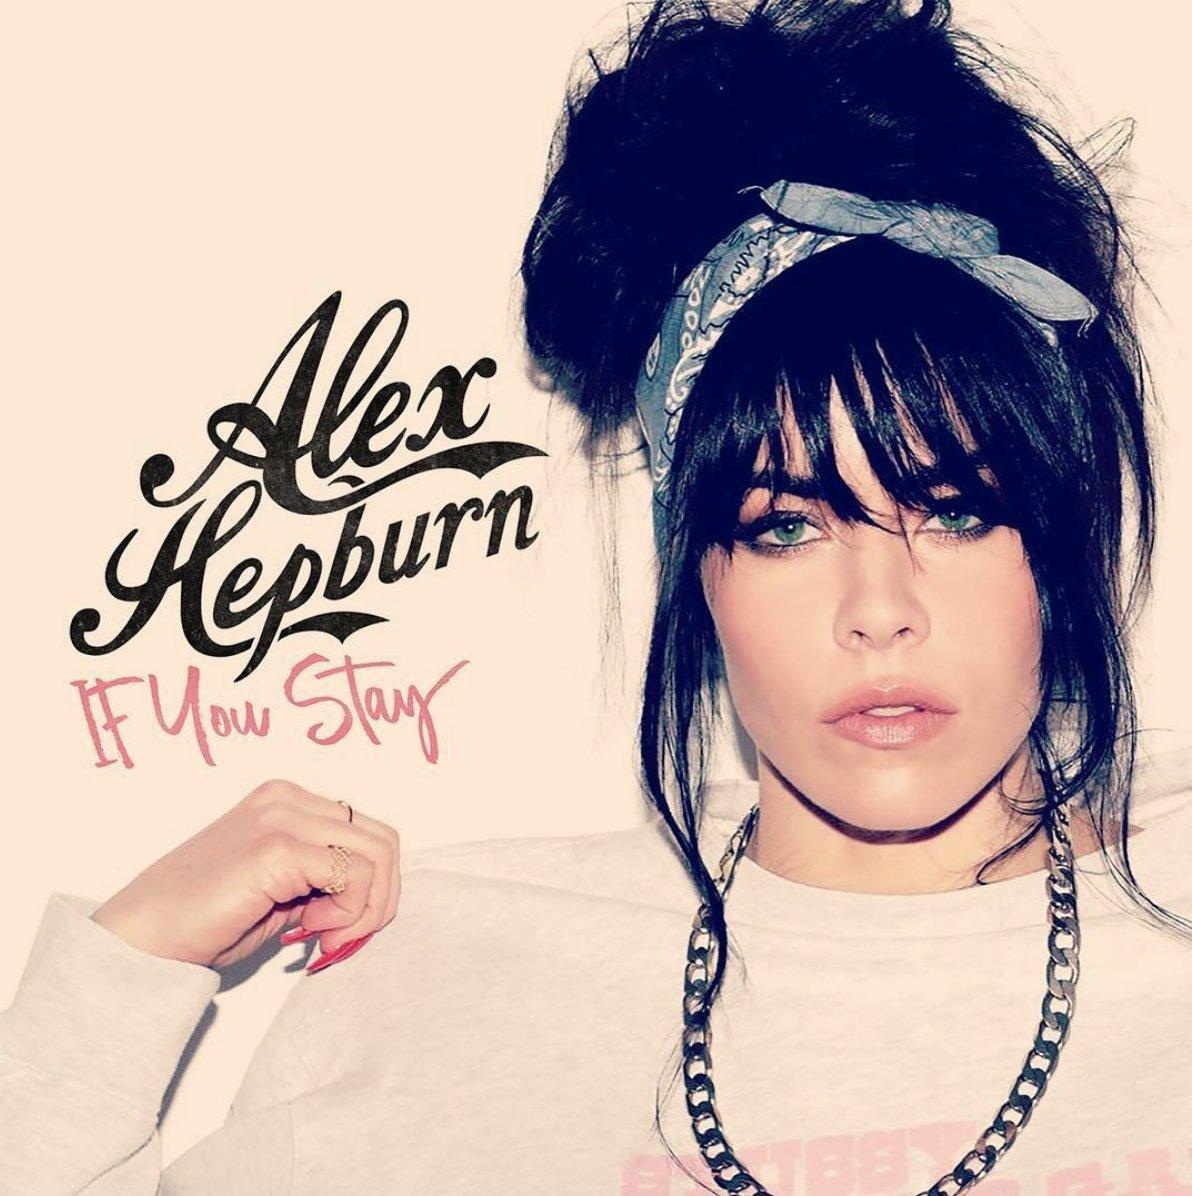 Hört jetzt @AlexHepburn's neue EP 'If You Stay' – und freut euch auf ein neues Album im Herbst: https://t.co/pbJm2vc3P3